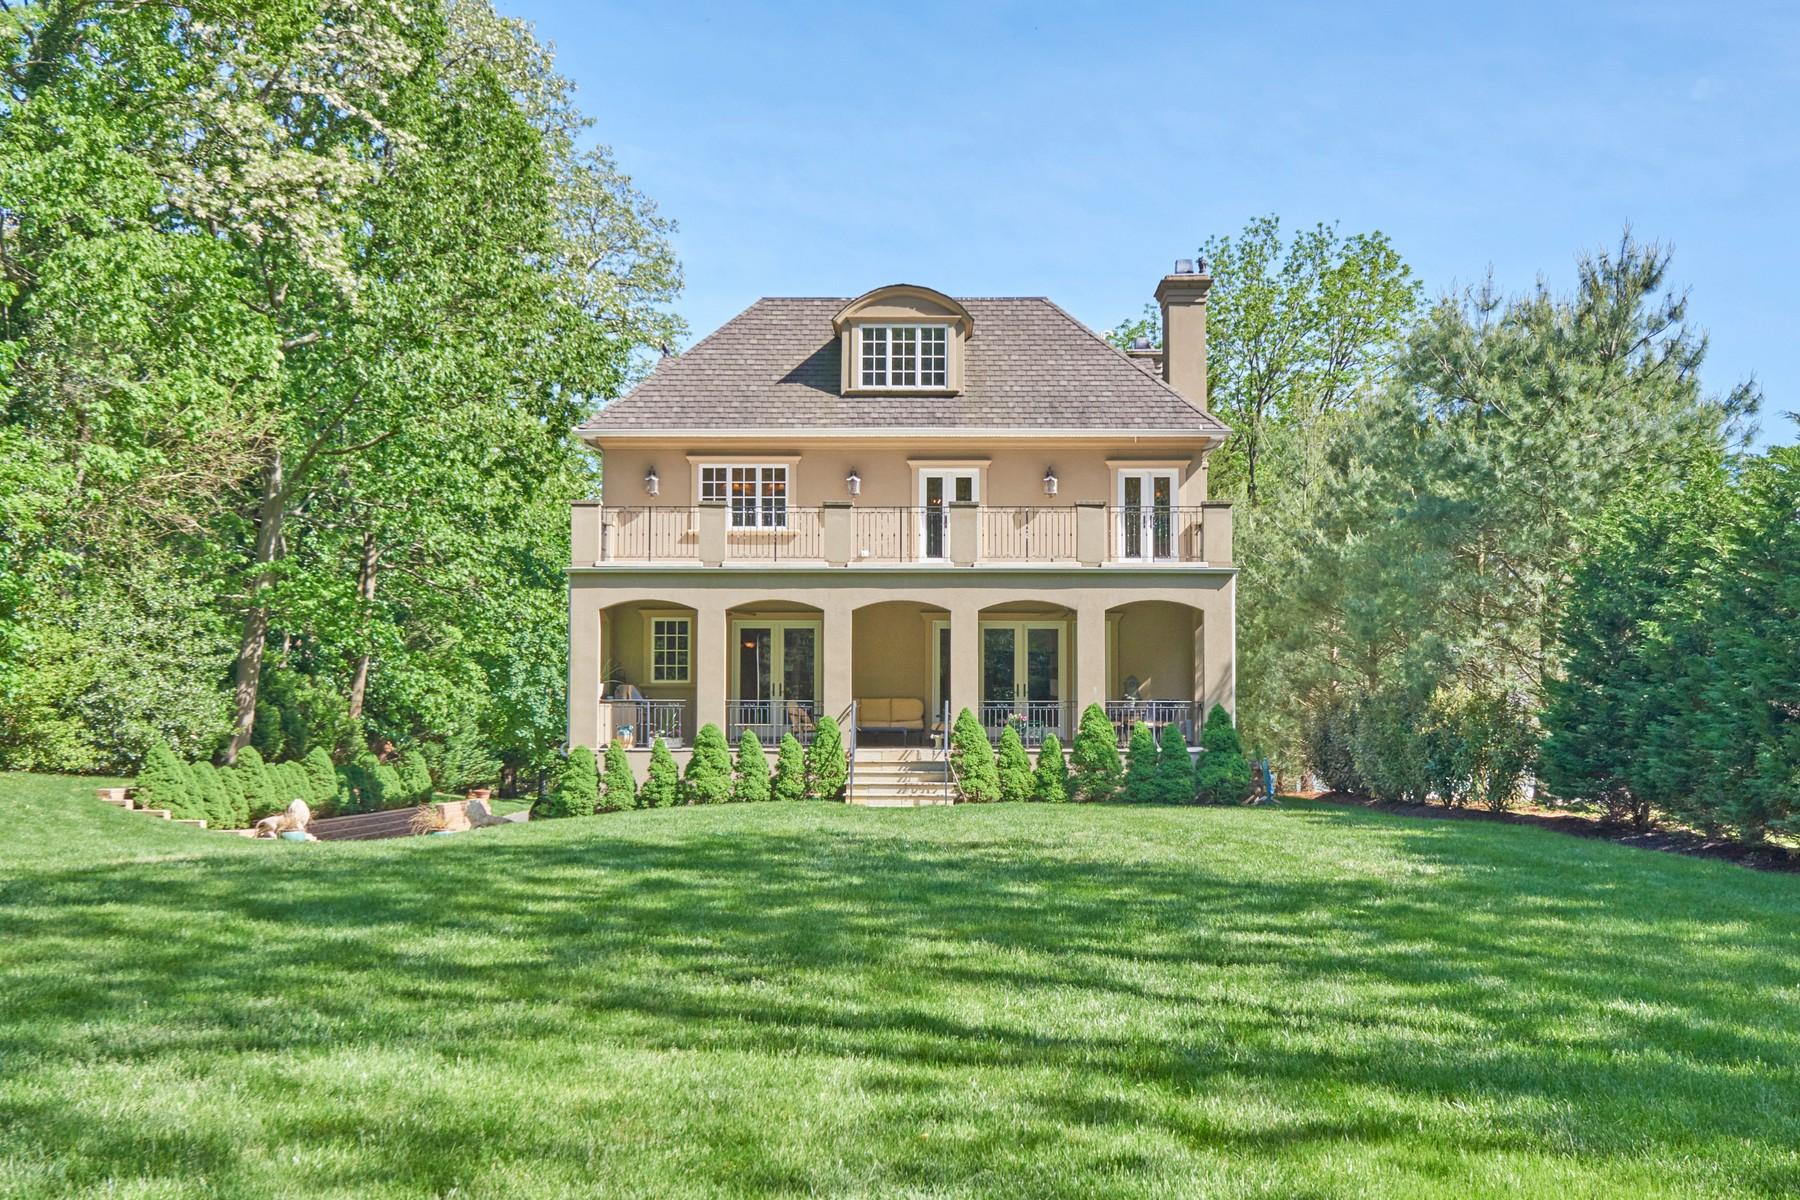 Single Family Homes pour l Vente à Blissful Getaway 87 Little Silver Point Rd, Little Silver, New Jersey 07739 États-Unis